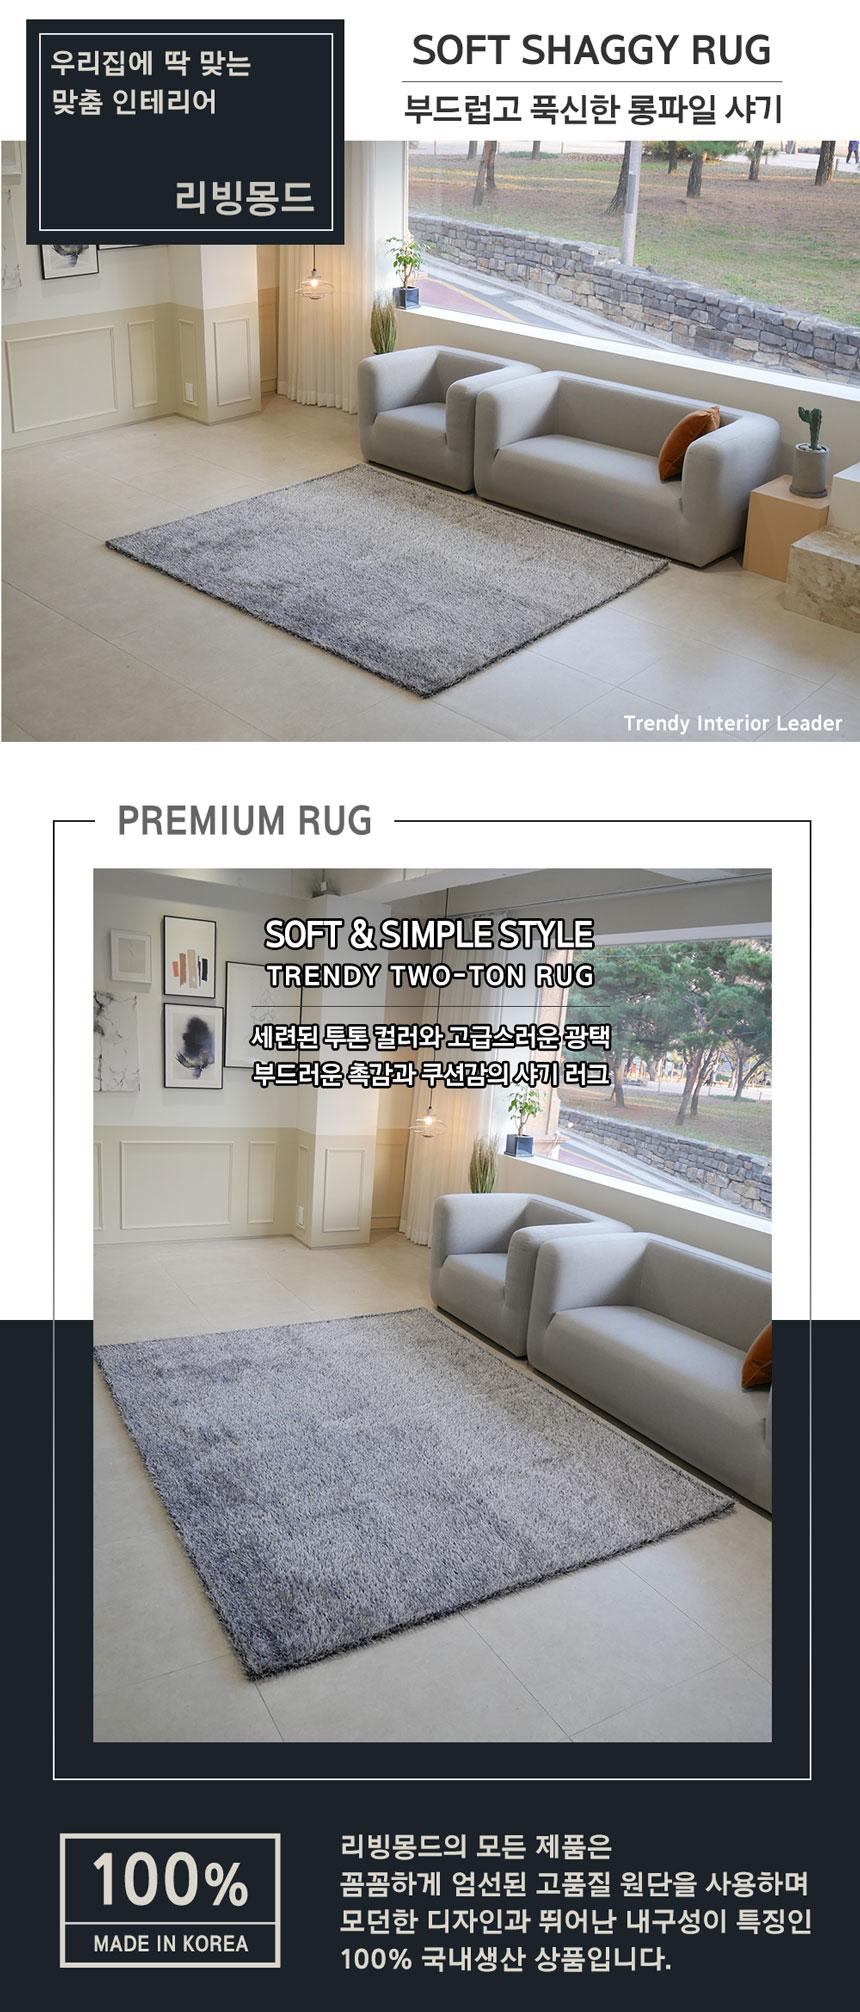 털 카페트 자취방러그 샤기카페트 100X150cm - 리빙몽드 러그, 31,000원, 디자인러그, 샤기 카페트